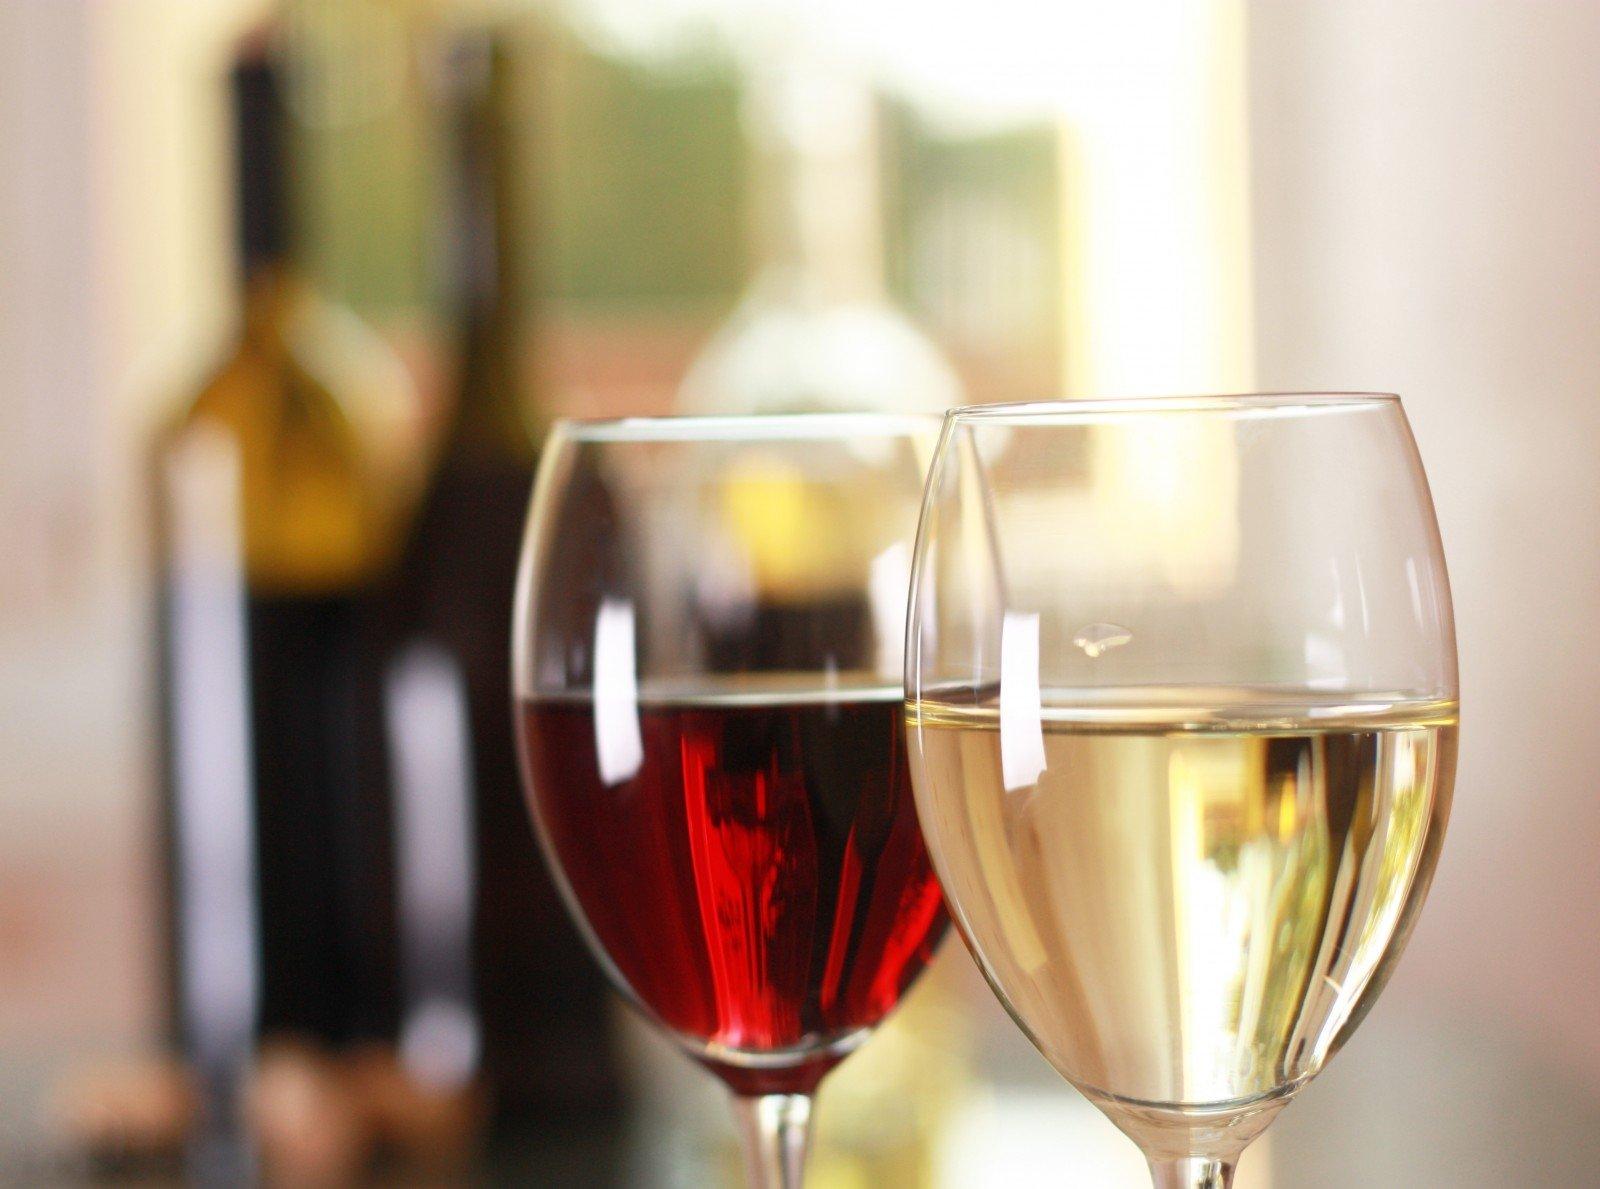 Raudonojo ir baltojo vyno poveikis kraujo spaudimui